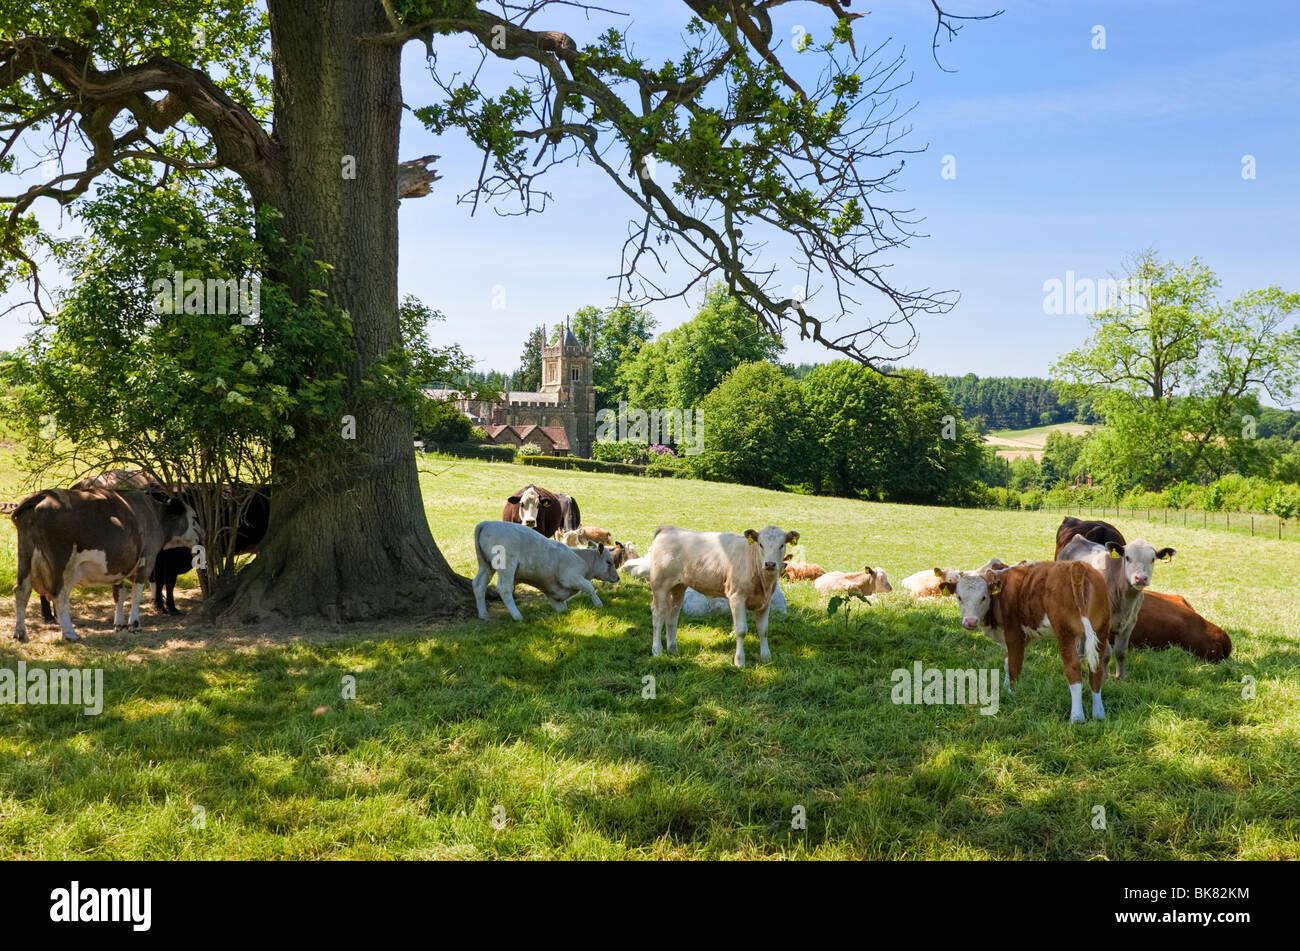 Surrey, England, UK - Dairy Kühe Beschattung von der Sommersonne in der Nähe von Albury mit Kirche im Stockbild